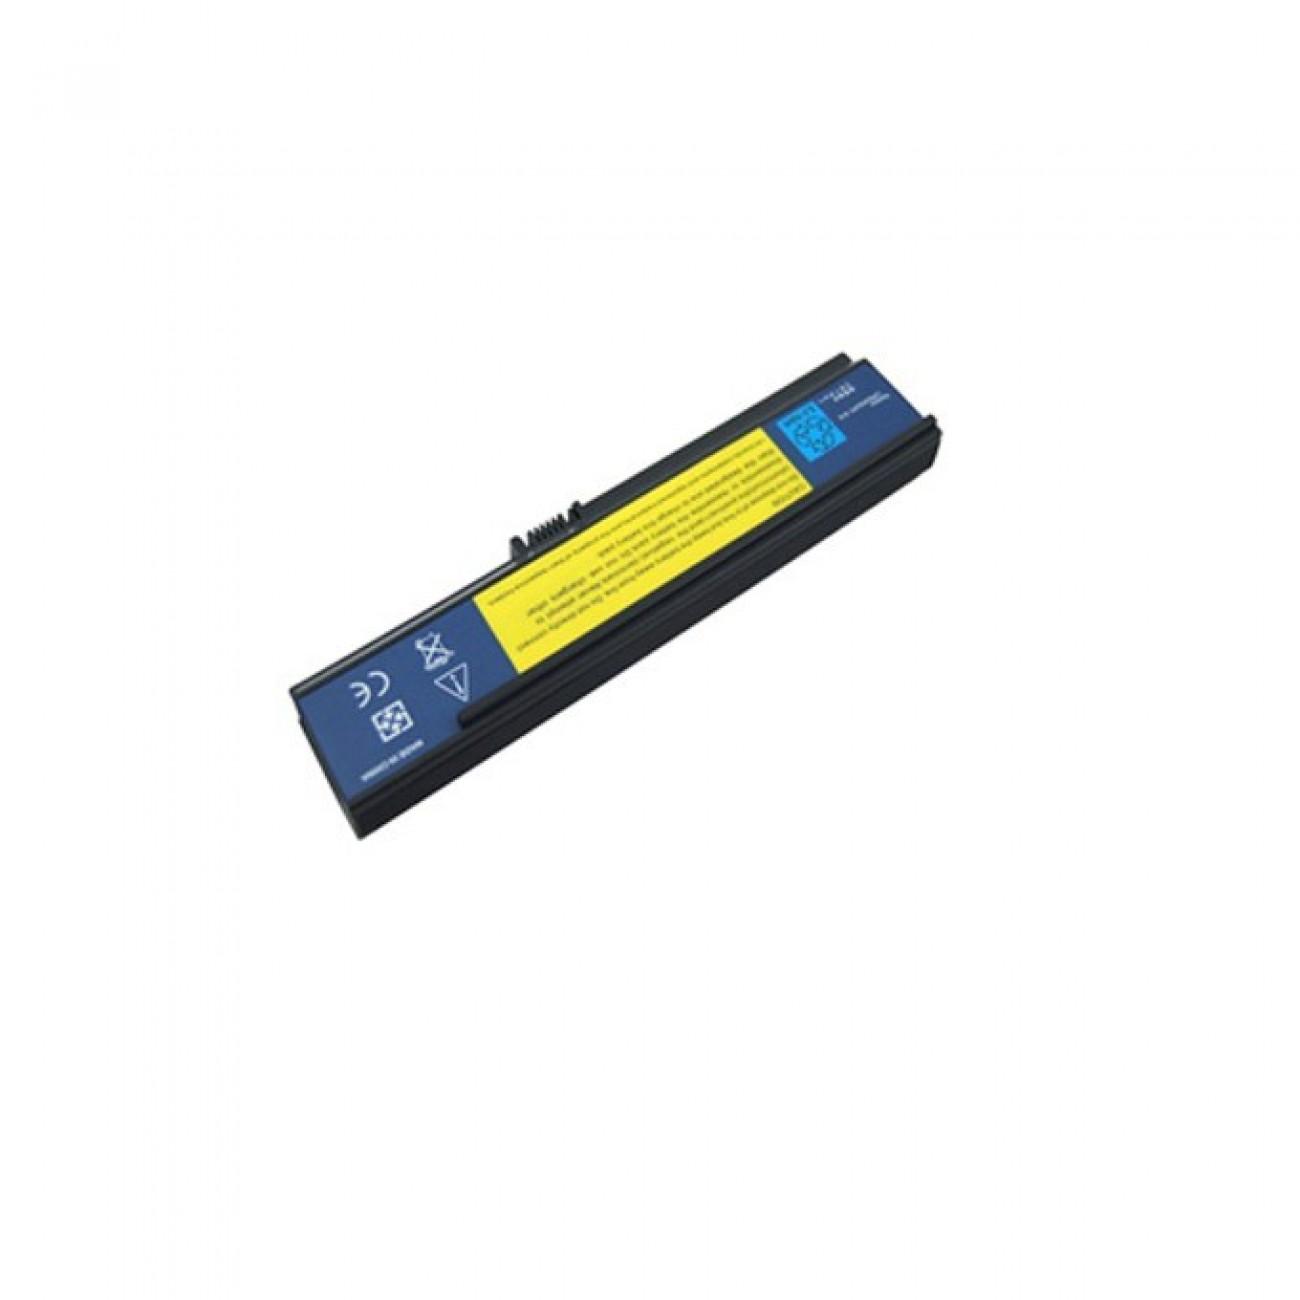 Батерия (оригинална) Acer Aspire 5600, съвместима с 9400/TravelMate 5100, 6cell, 11.1V, 4000mAh в Батерии за Лаптоп -  | Alleop